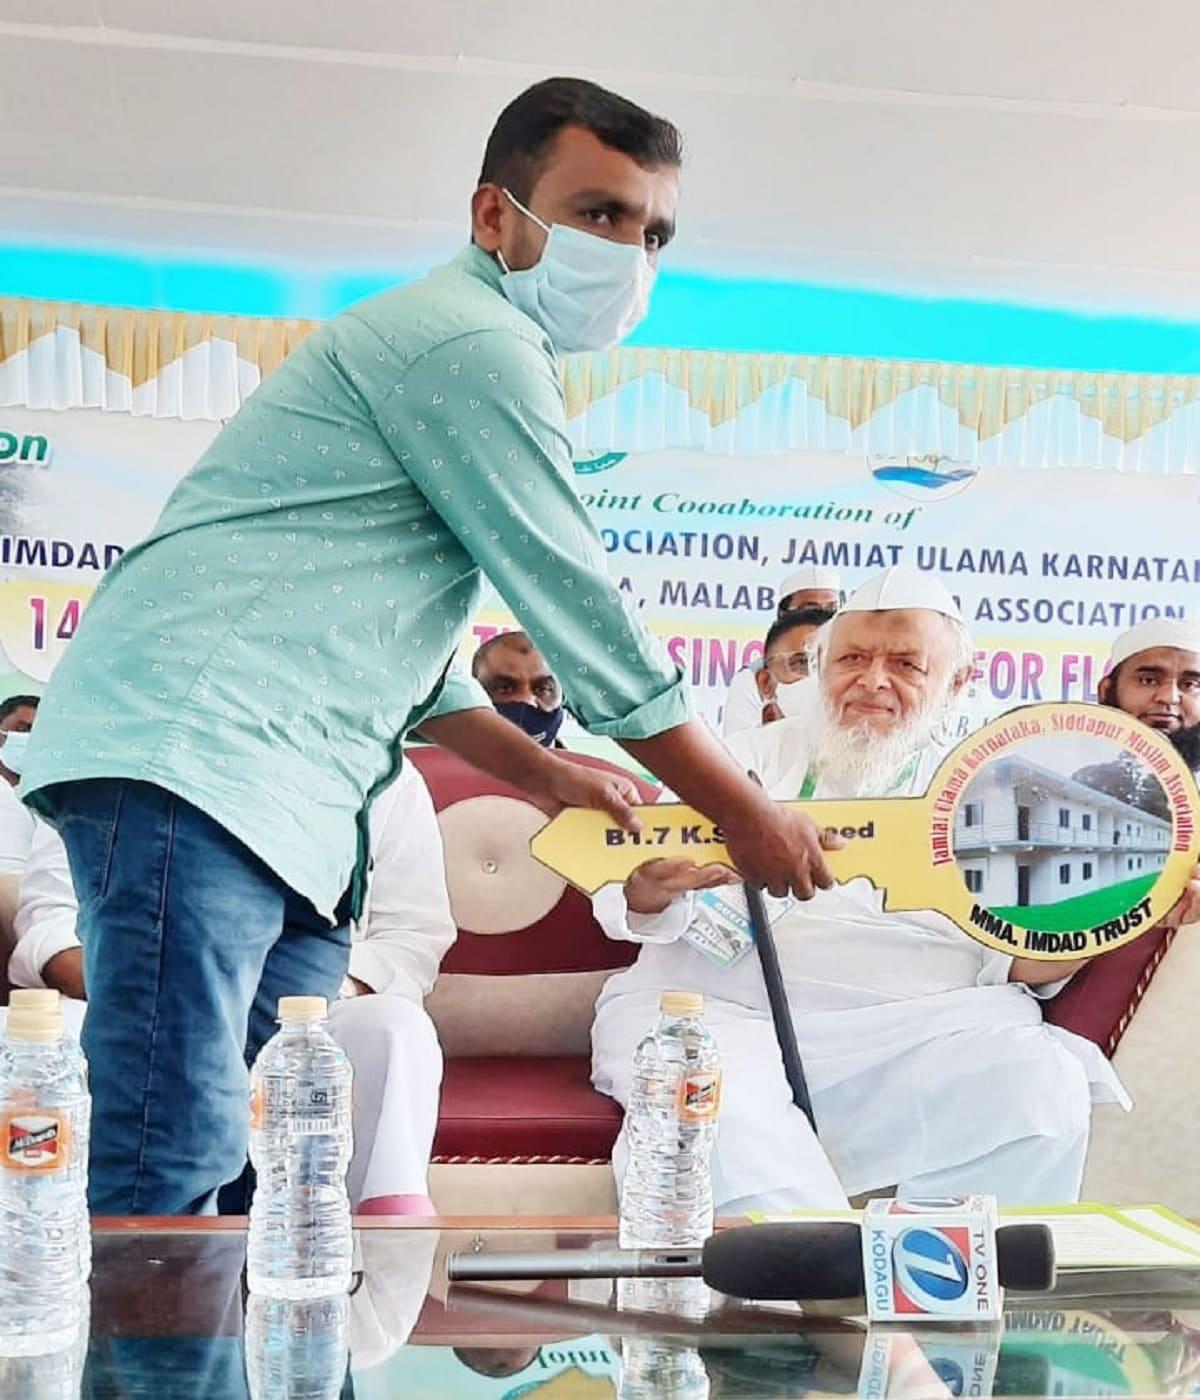 کرناٹک میں میسور سے متصل ضلع گوڈاگوکے سداپور میں منعقد ایک اجتماع میں آج مولانا ارشد مدنی کے ہاتھوں 2019 میں آئے تباہ کن سیلاب میں بے گھر ہوئے 30 لوگوں میں سے 16 لوگوں کو مکانات کی چابیاں دی گئیں، ان میں غیر مسلم بھی شامل ہیں۔